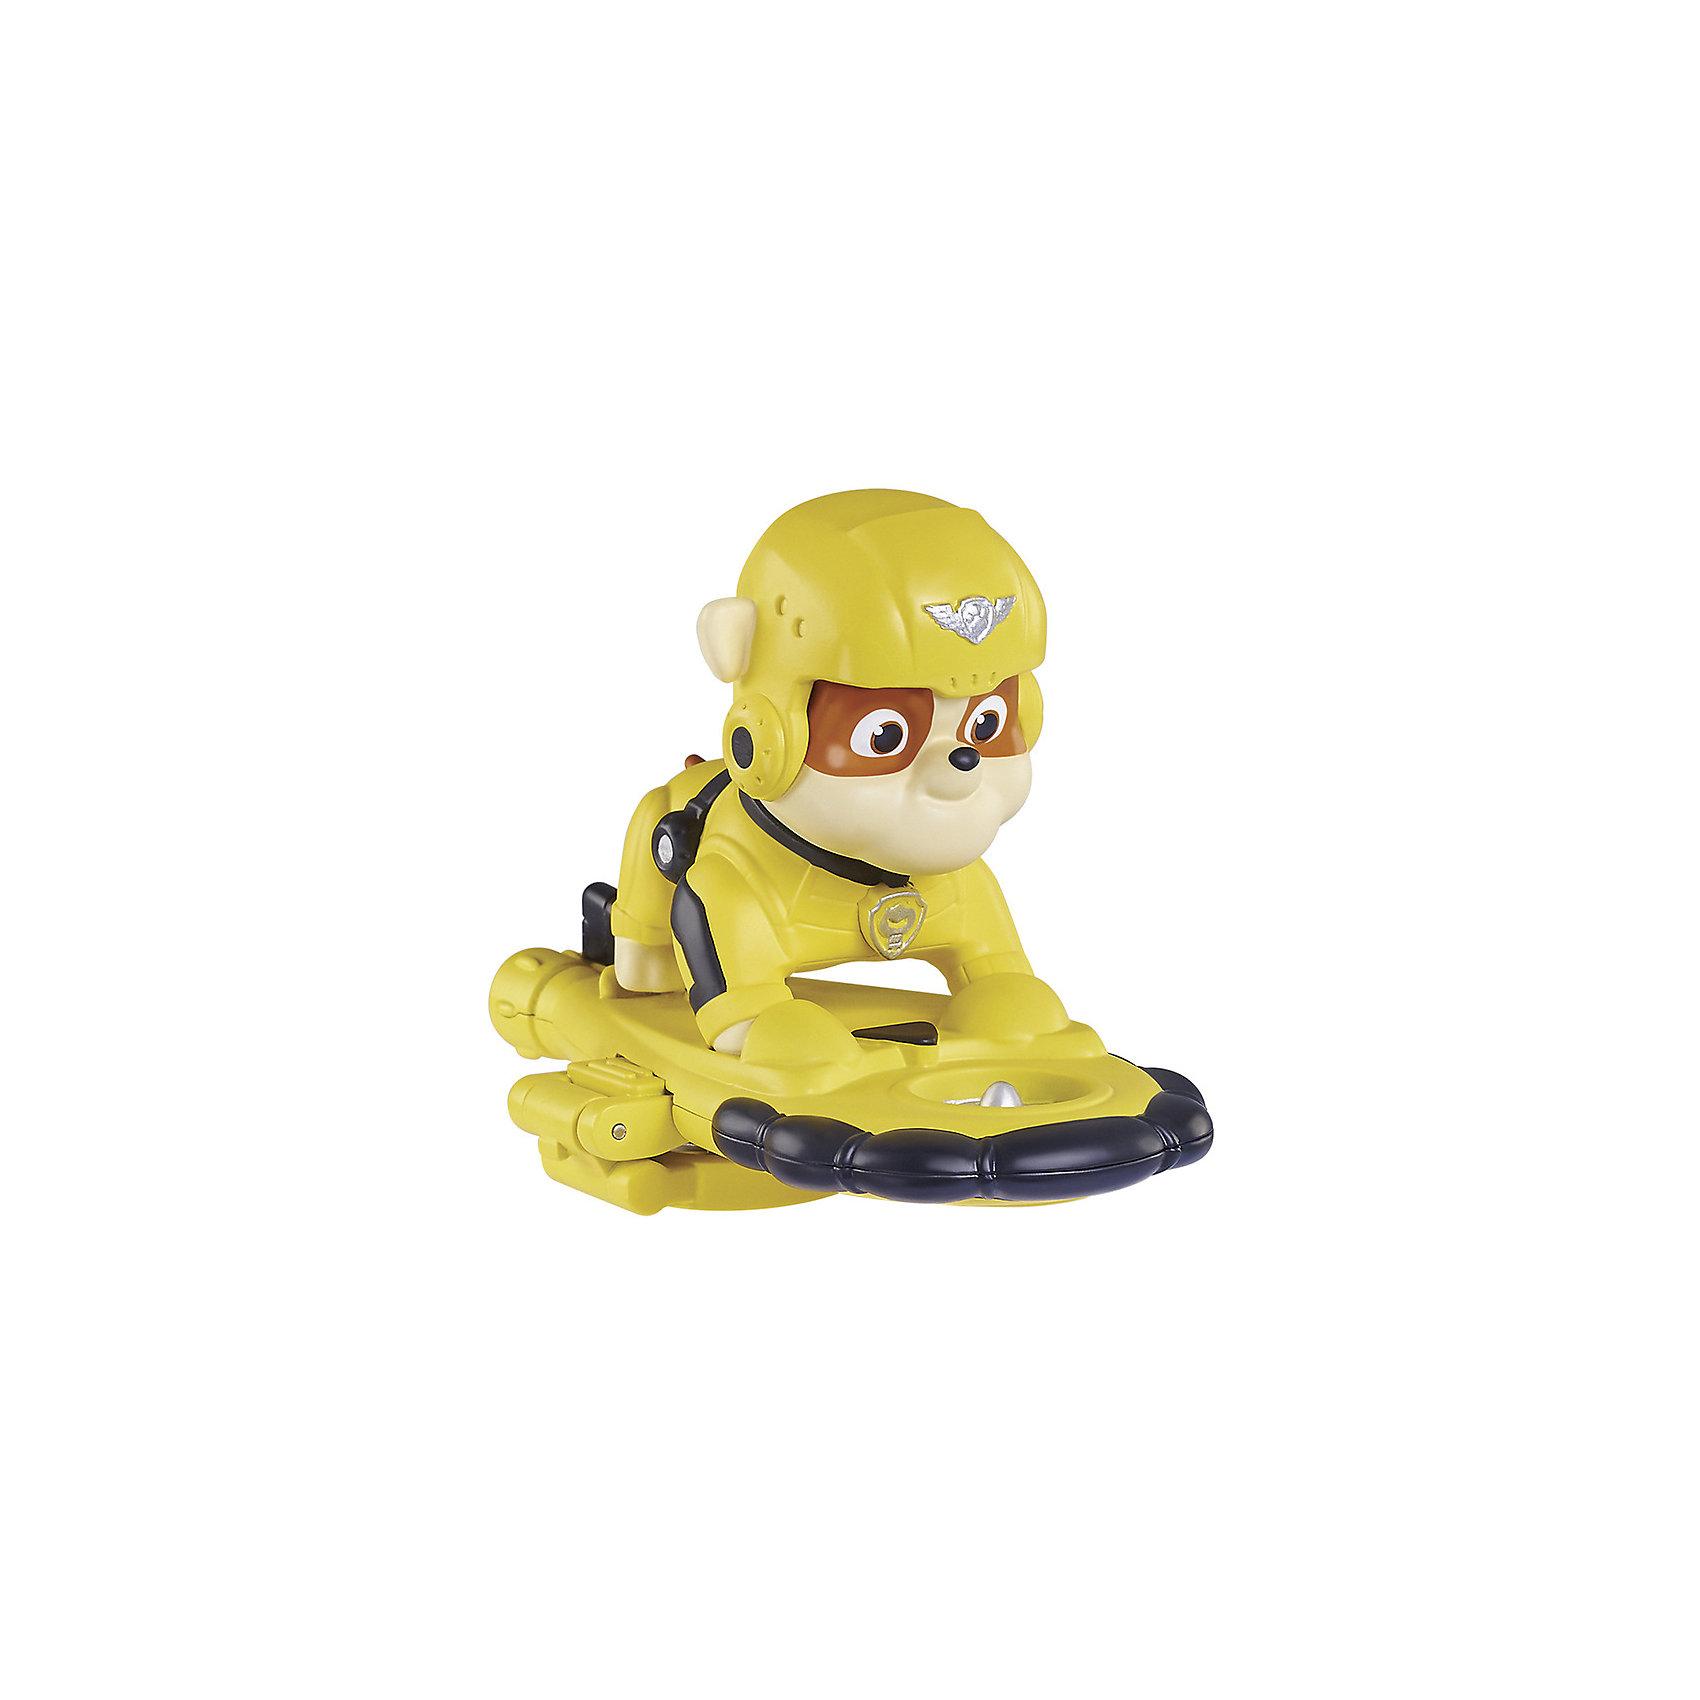 Фигурка воздушного спасателя Крепыш, Щенячий ПатрульФигурка воздушного спасателя Крепыш, Щенячий Патруль<br><br>Характеристики игровой фигурки Paw Patrol:<br><br>• размер фигурки: 7 см;<br>• аксессуар: воздушная подушка;<br>• как отстегнуть подушку: нажать на кнопку; <br>• материал: пластик;<br>• серия Paw Patrol: Воздушные спасатели;<br>• размер упаковки: 25х5х19 см;<br>• вес упаковки: 226 г;<br>• оформление упаковки: картонная коробка.<br><br>Воздушные спасатели готовы прийти на помощь в любой ситуации. Точные копии героев из мультфильма «Щенячий Патруль» выполнены из пластика, детализированы, неподвижны. В комплекте предусмотрен аксессуар – съемная воздушная подушка.  <br><br>Фигурку воздушного спасателя Крепыш, Щенячий Патруль можно купить в нашем интернет-магазине.<br><br>Ширина мм: 260<br>Глубина мм: 50<br>Высота мм: 190<br>Вес г: 168<br>Возраст от месяцев: 36<br>Возраст до месяцев: 2147483647<br>Пол: Унисекс<br>Возраст: Детский<br>SKU: 5064296